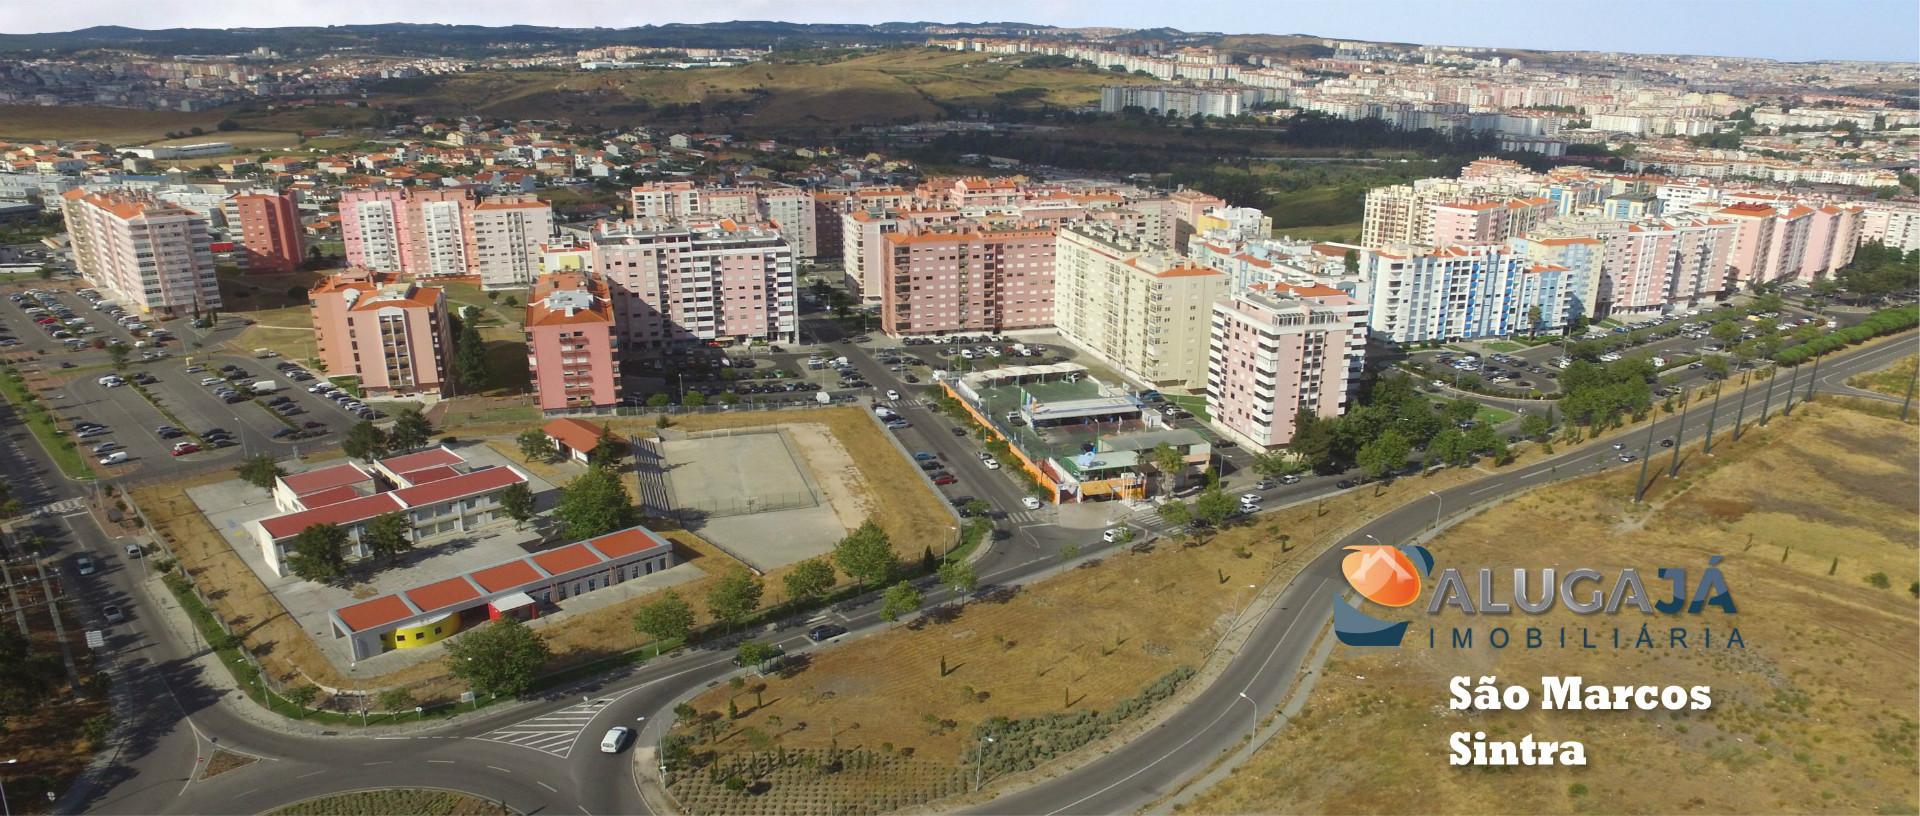 Agência imobiliária sediada há 8 anos na urbanização de São Marcos